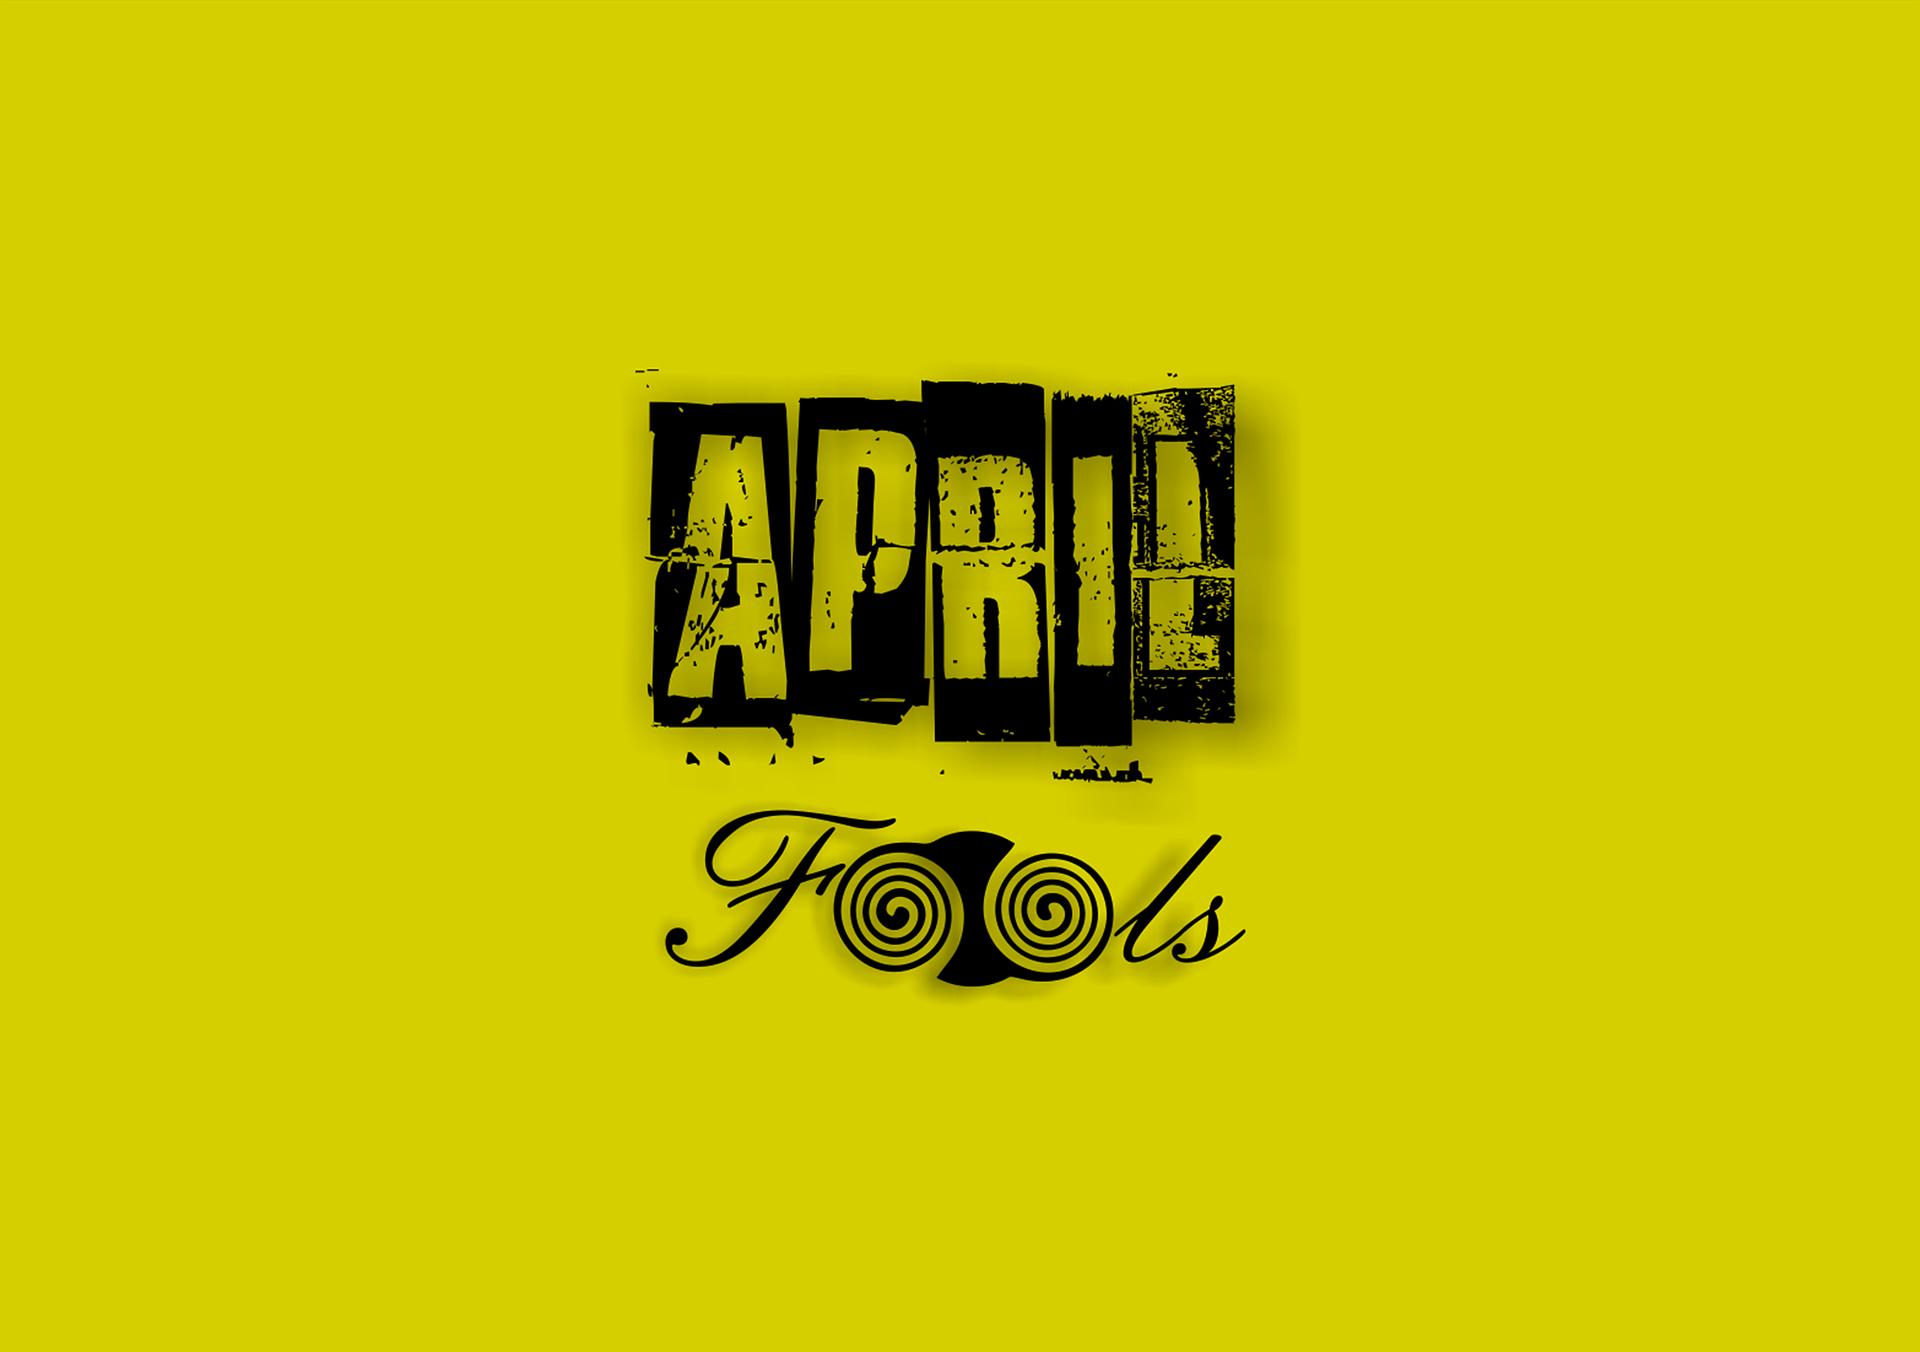 fools-4076158_1920.png